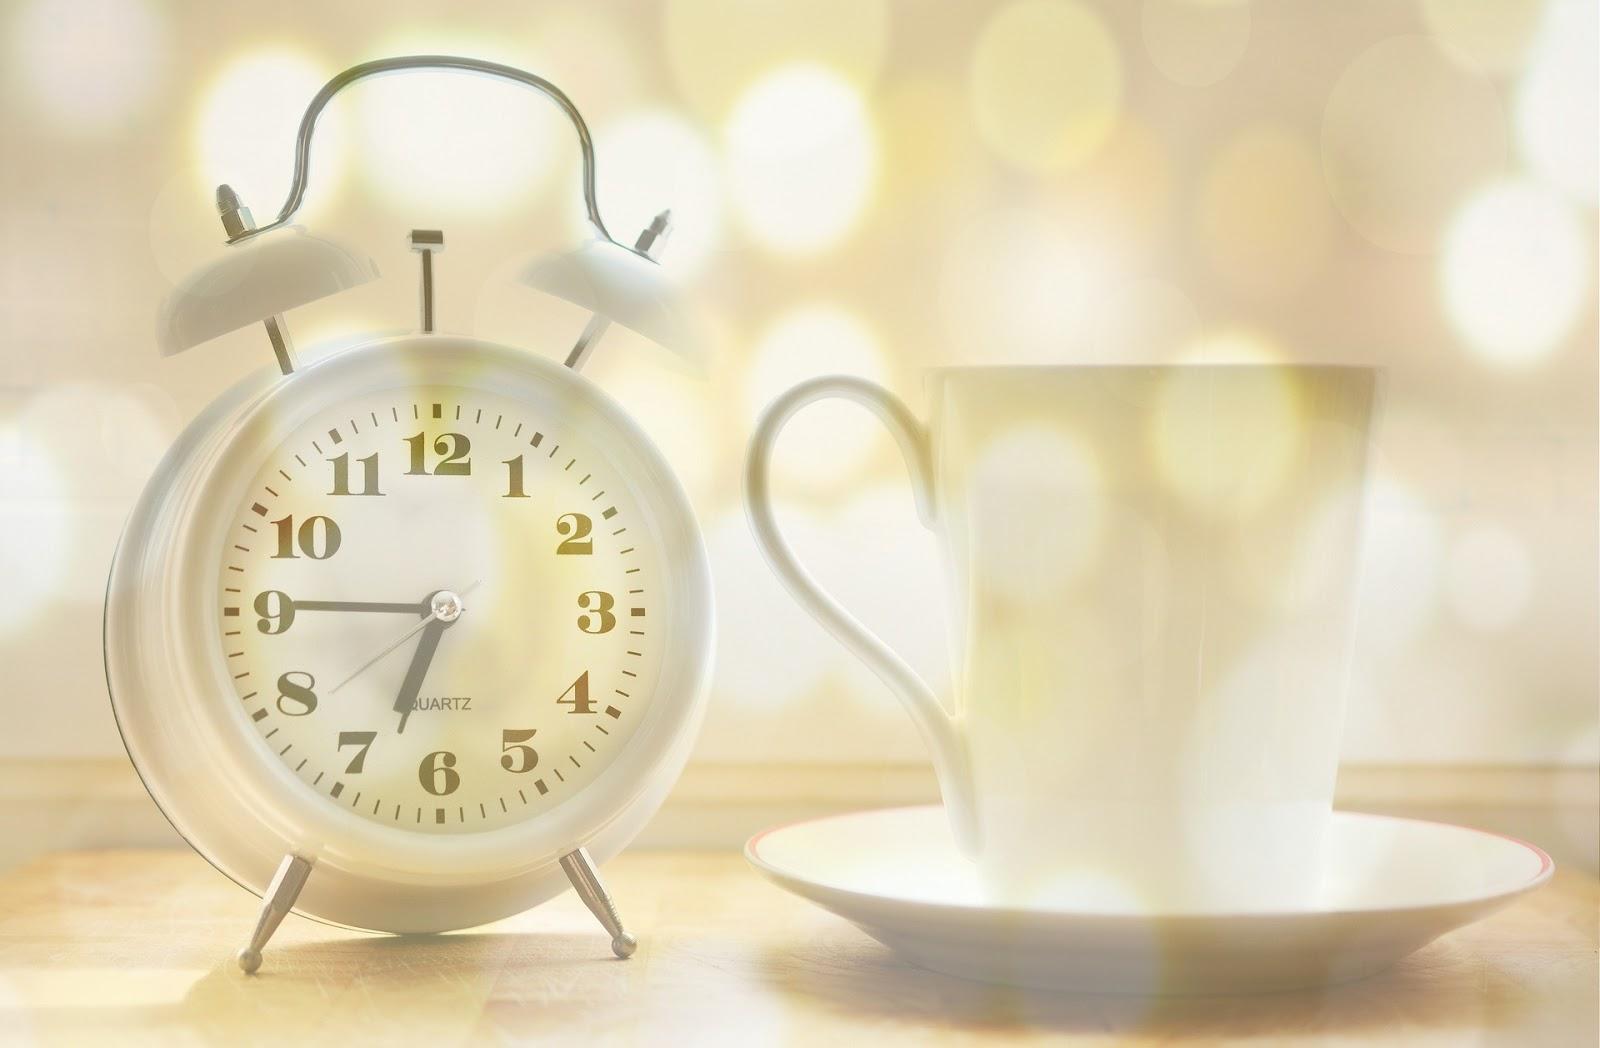 alarm-clock-2132264_1920.jpg